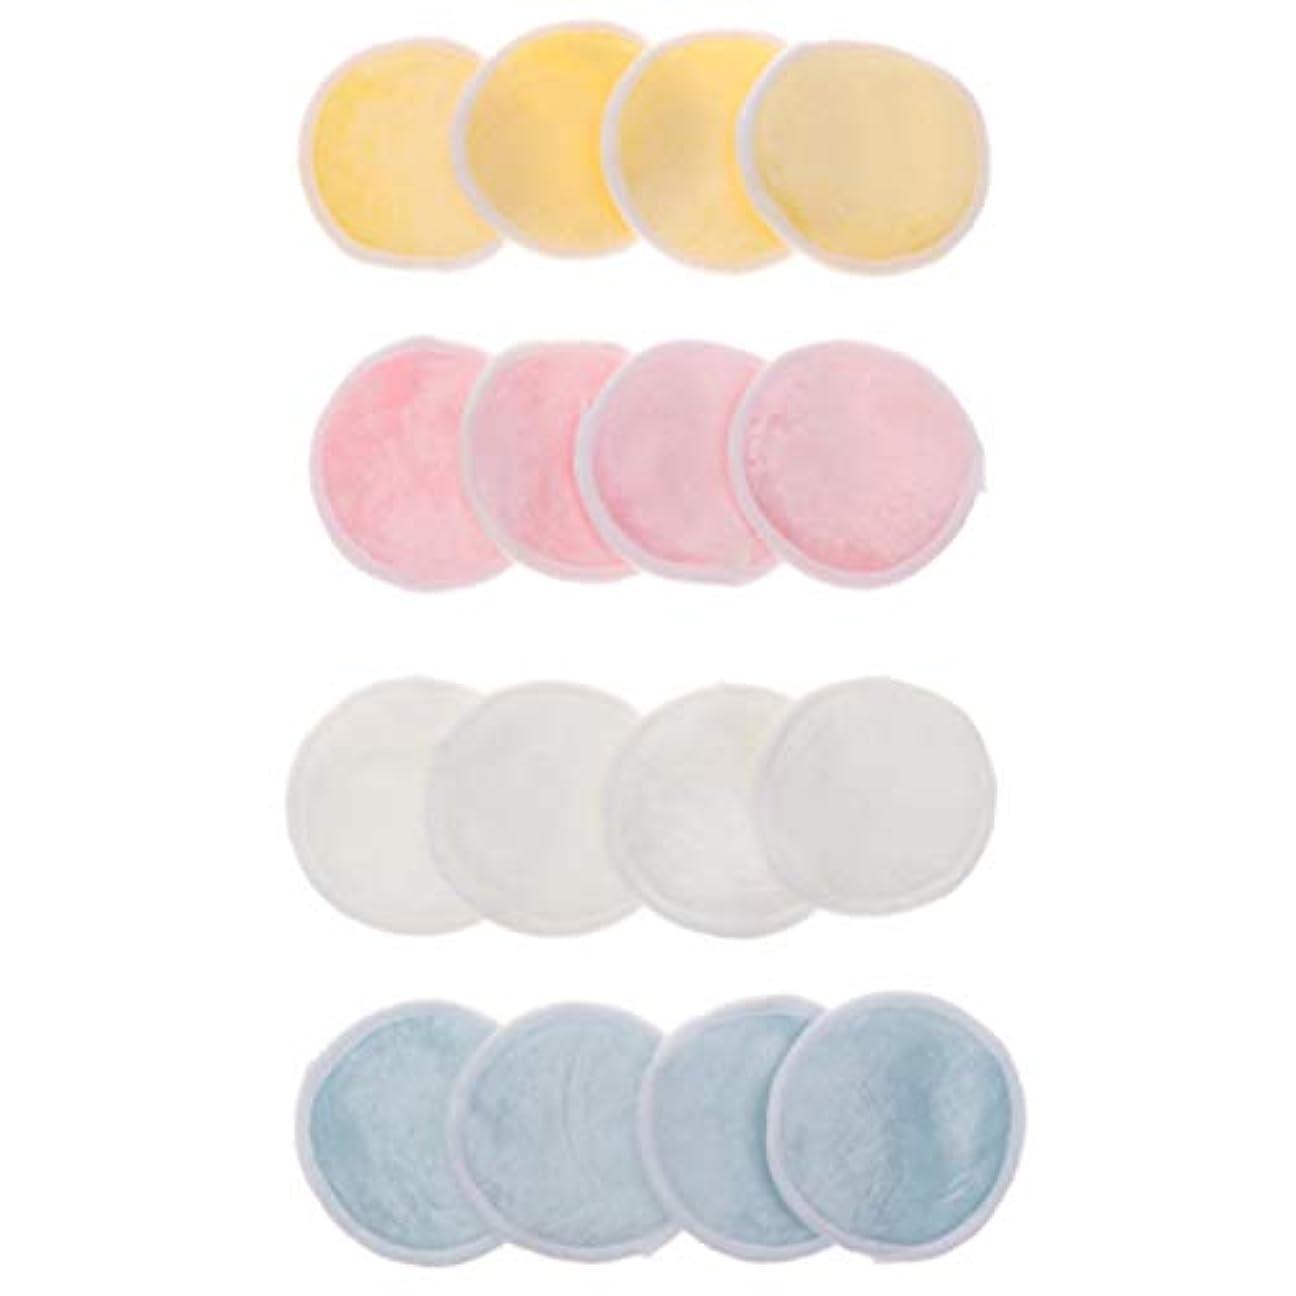 唯一匿名ブレーキクレンジングシート 化粧落としパッド メイク落としコットン 再使用可 化粧用 持ち運びに便利 16個入